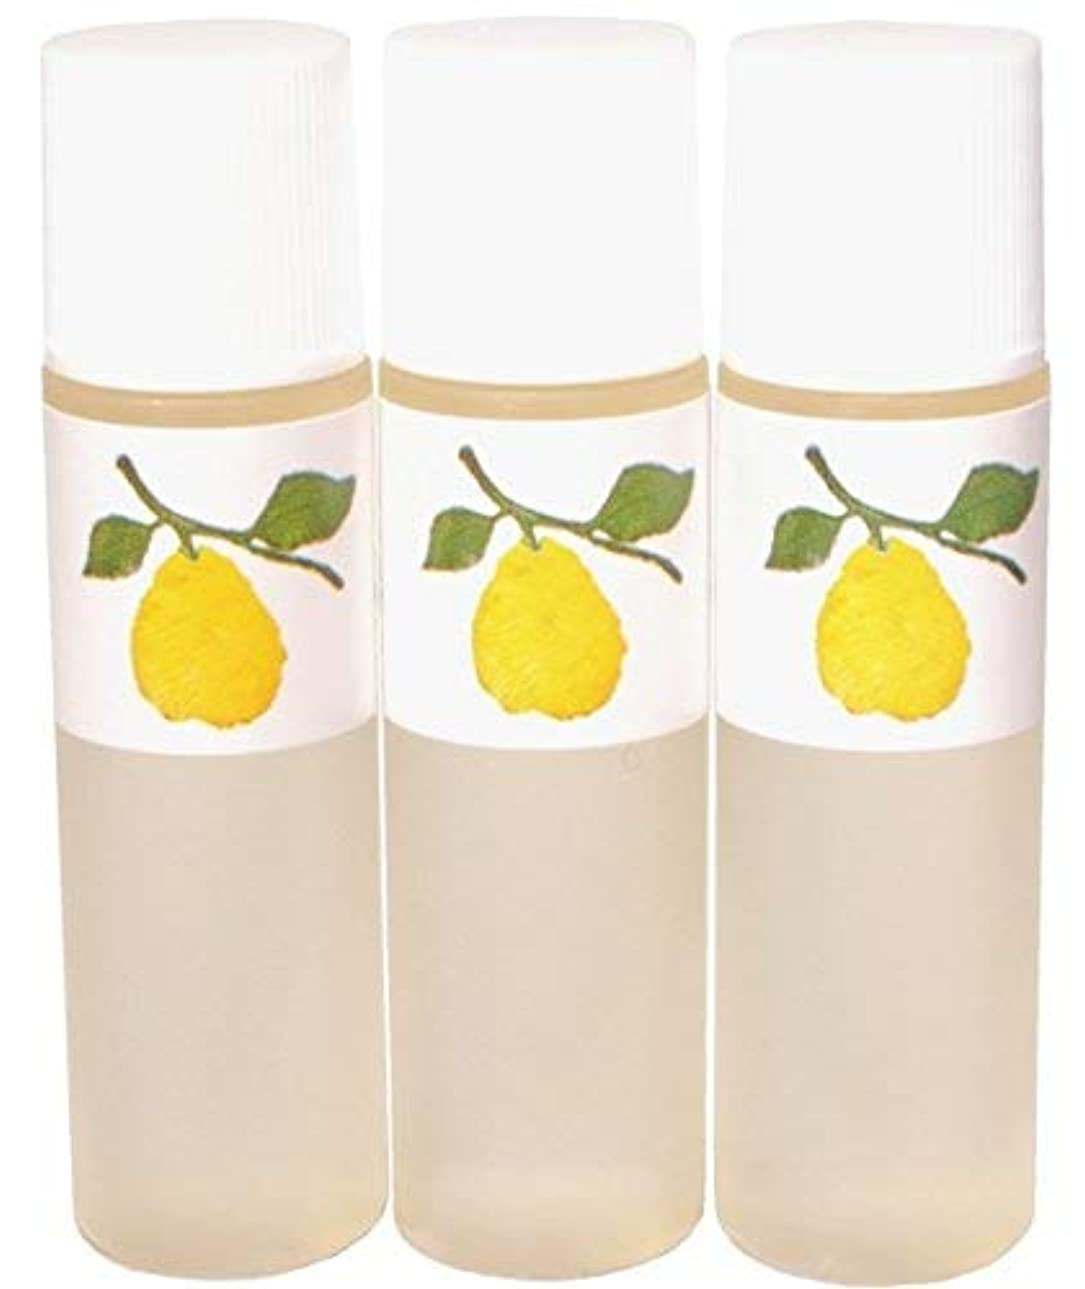 ダイジェスト刺すペインティング花梨の化粧水 トラベルセット 美容液 栄養クリームのいらないお肌へ 保湿と乾燥対策に